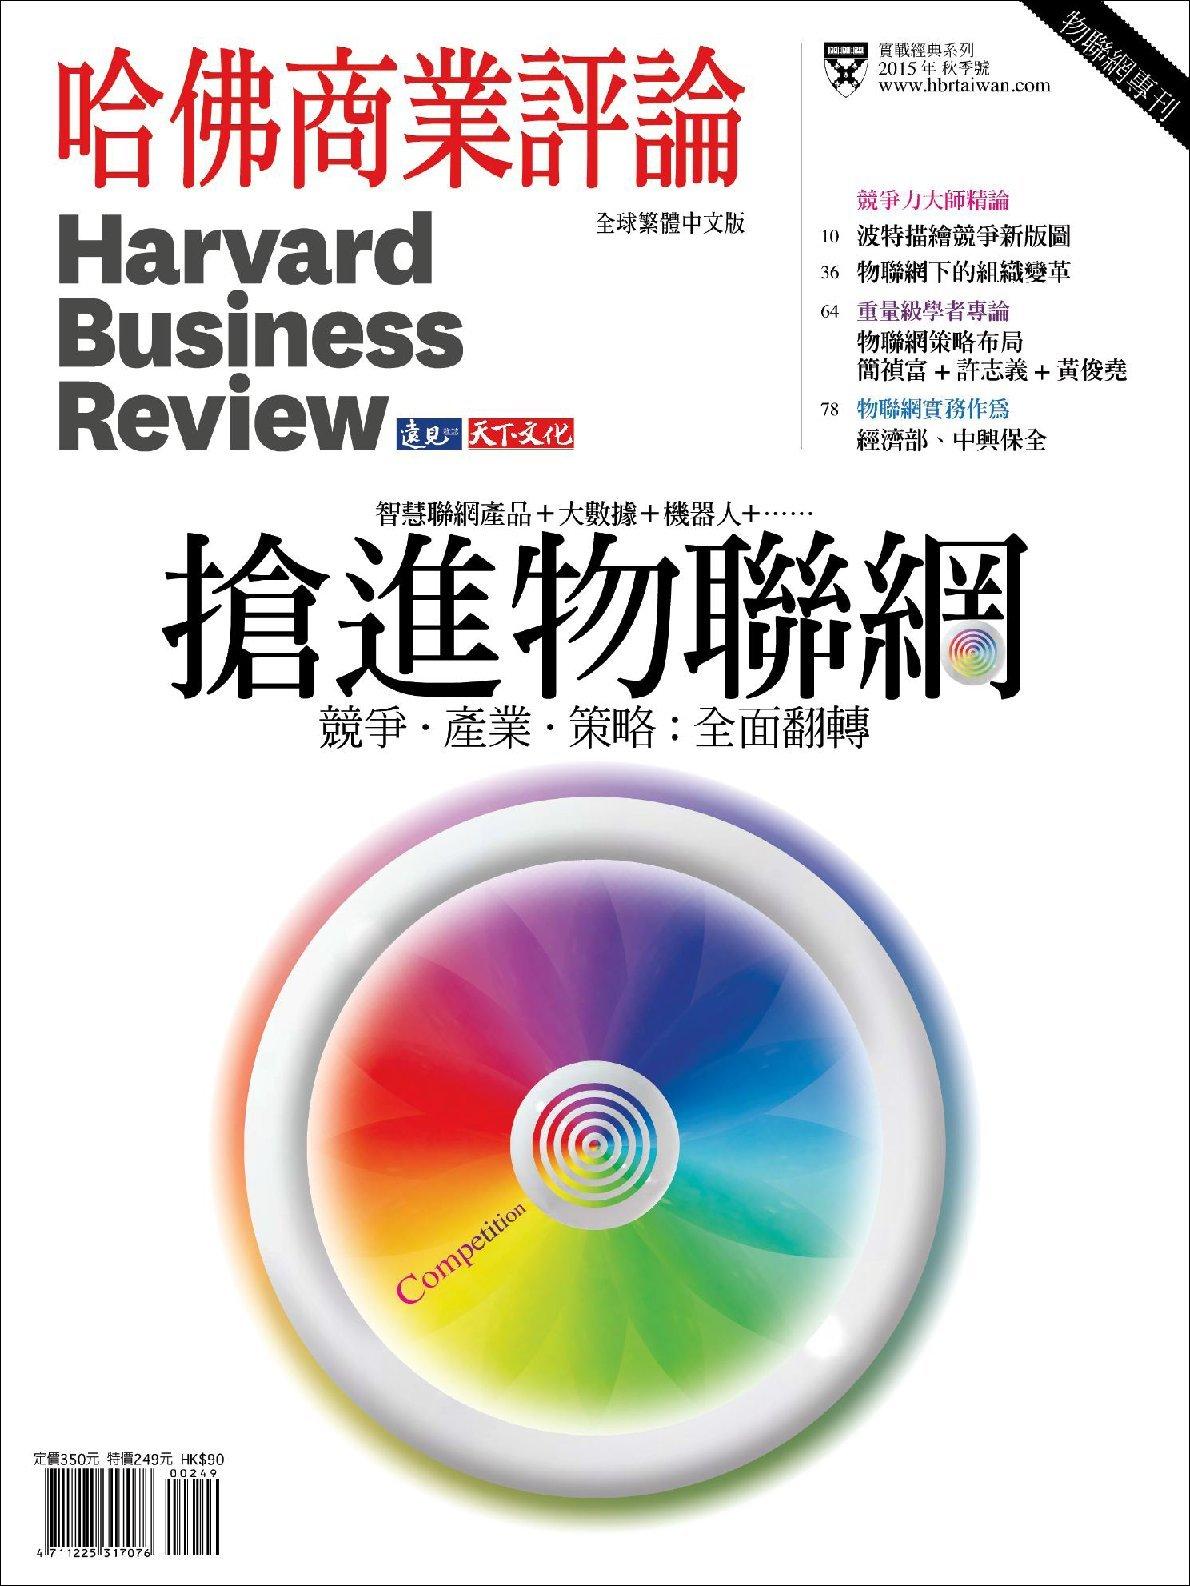 Harvard business review discount coupon